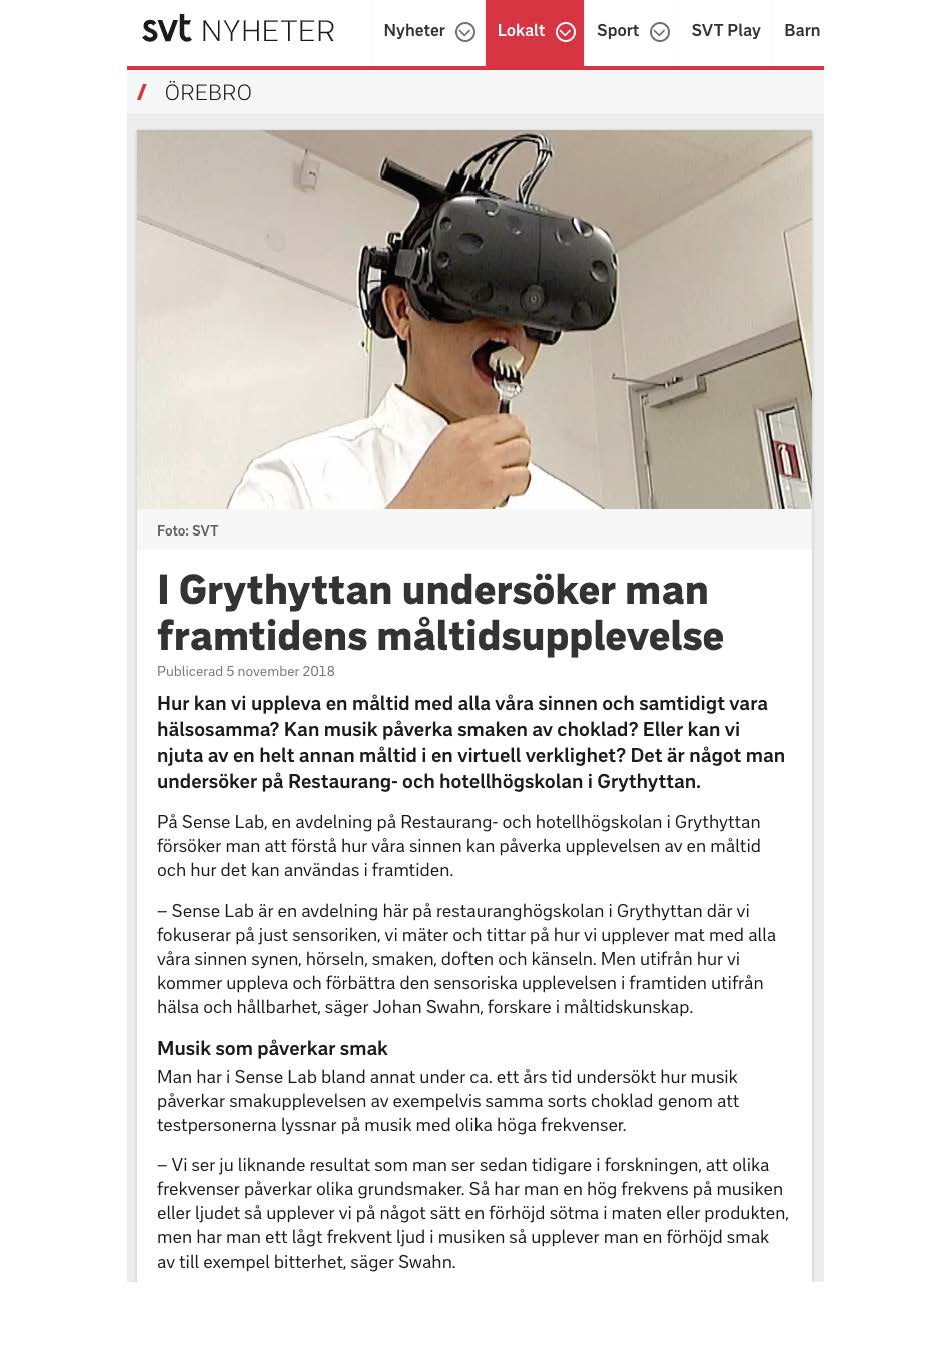 SVT, November 5, 2018